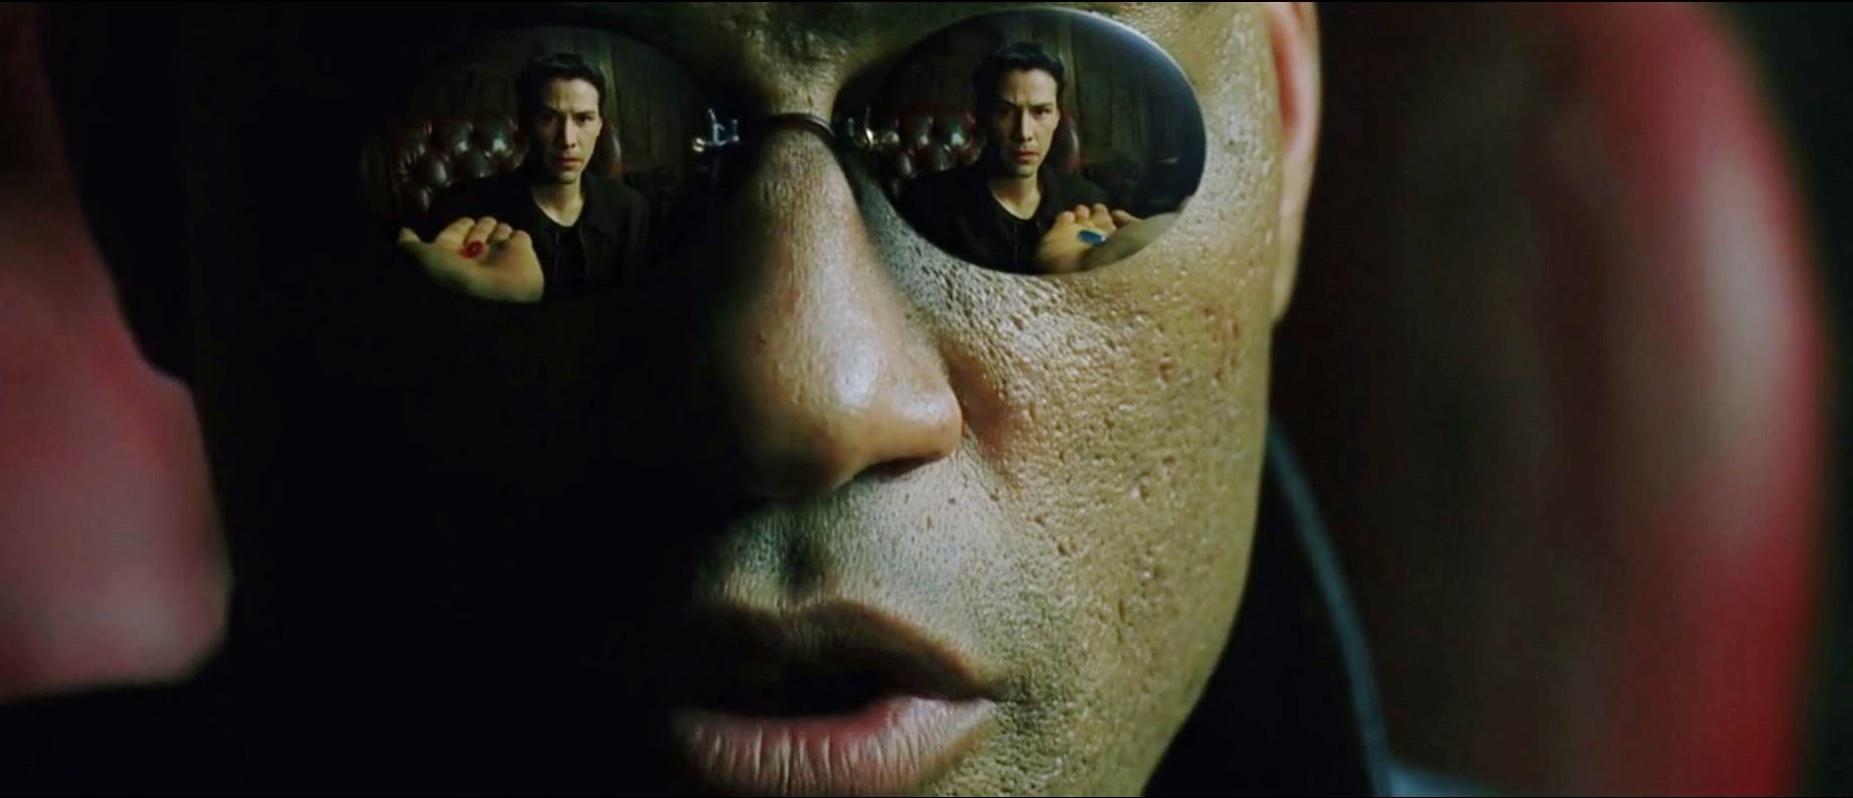 Neo får valget mellom den røde og den blå pillen.